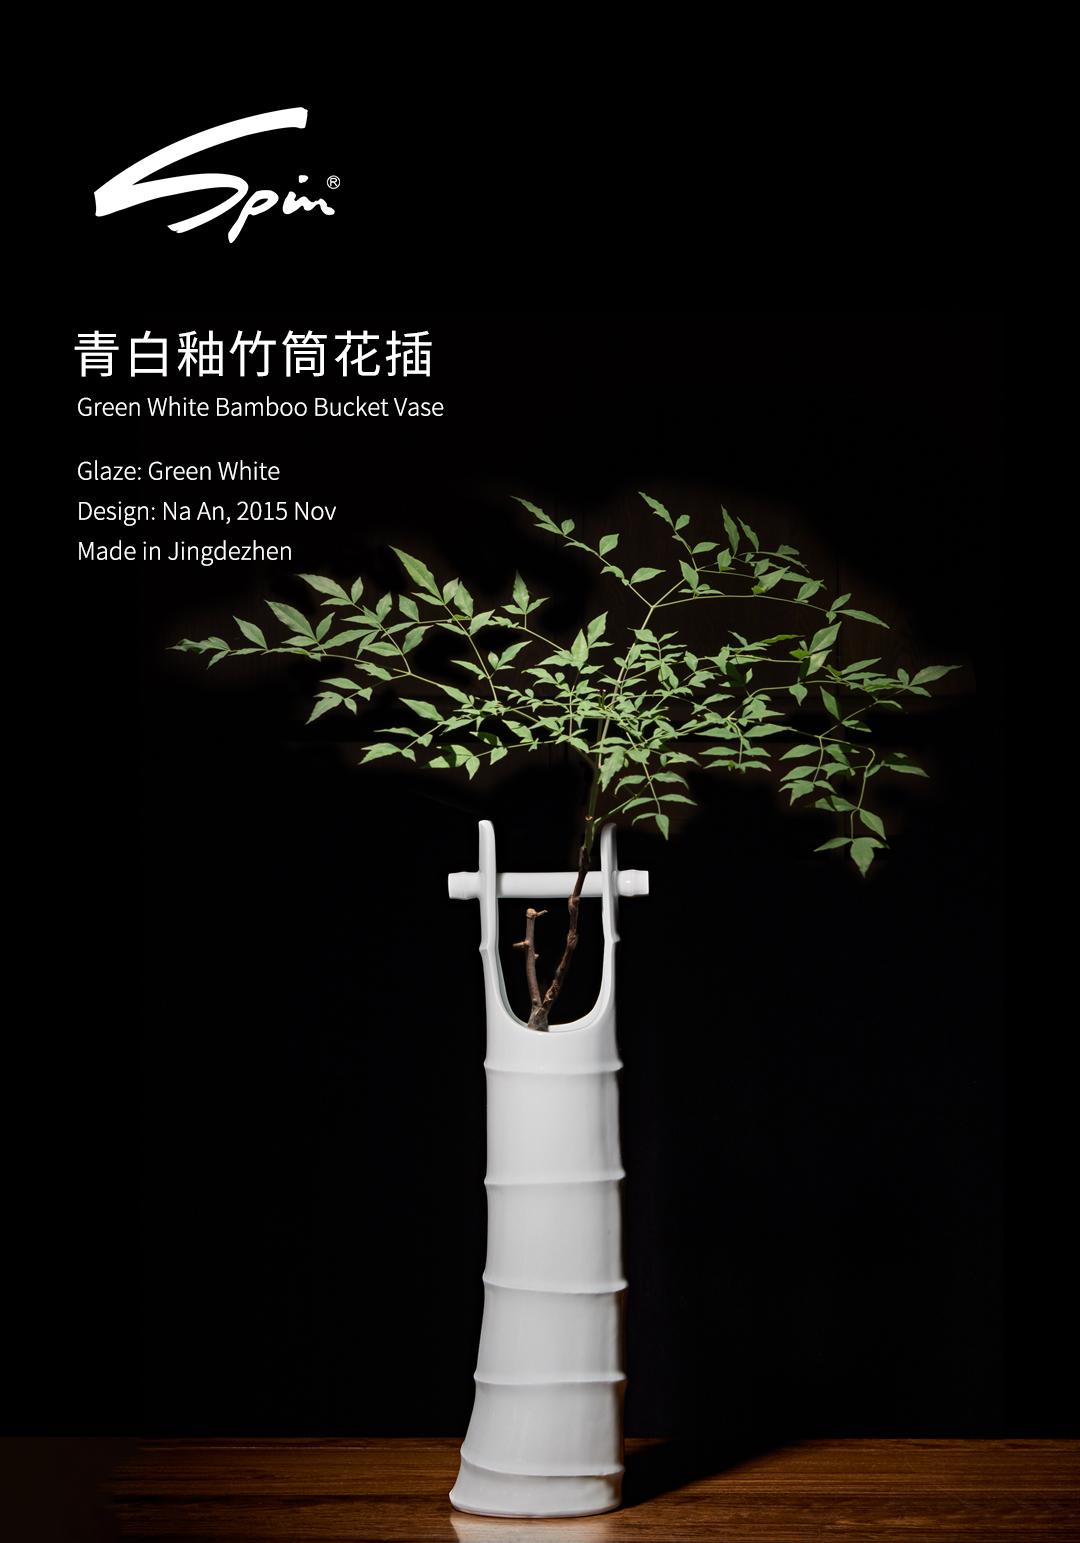 Spin 青白釉竹筒花插 白色陶瓷花瓶摆件客厅花器禅意日式